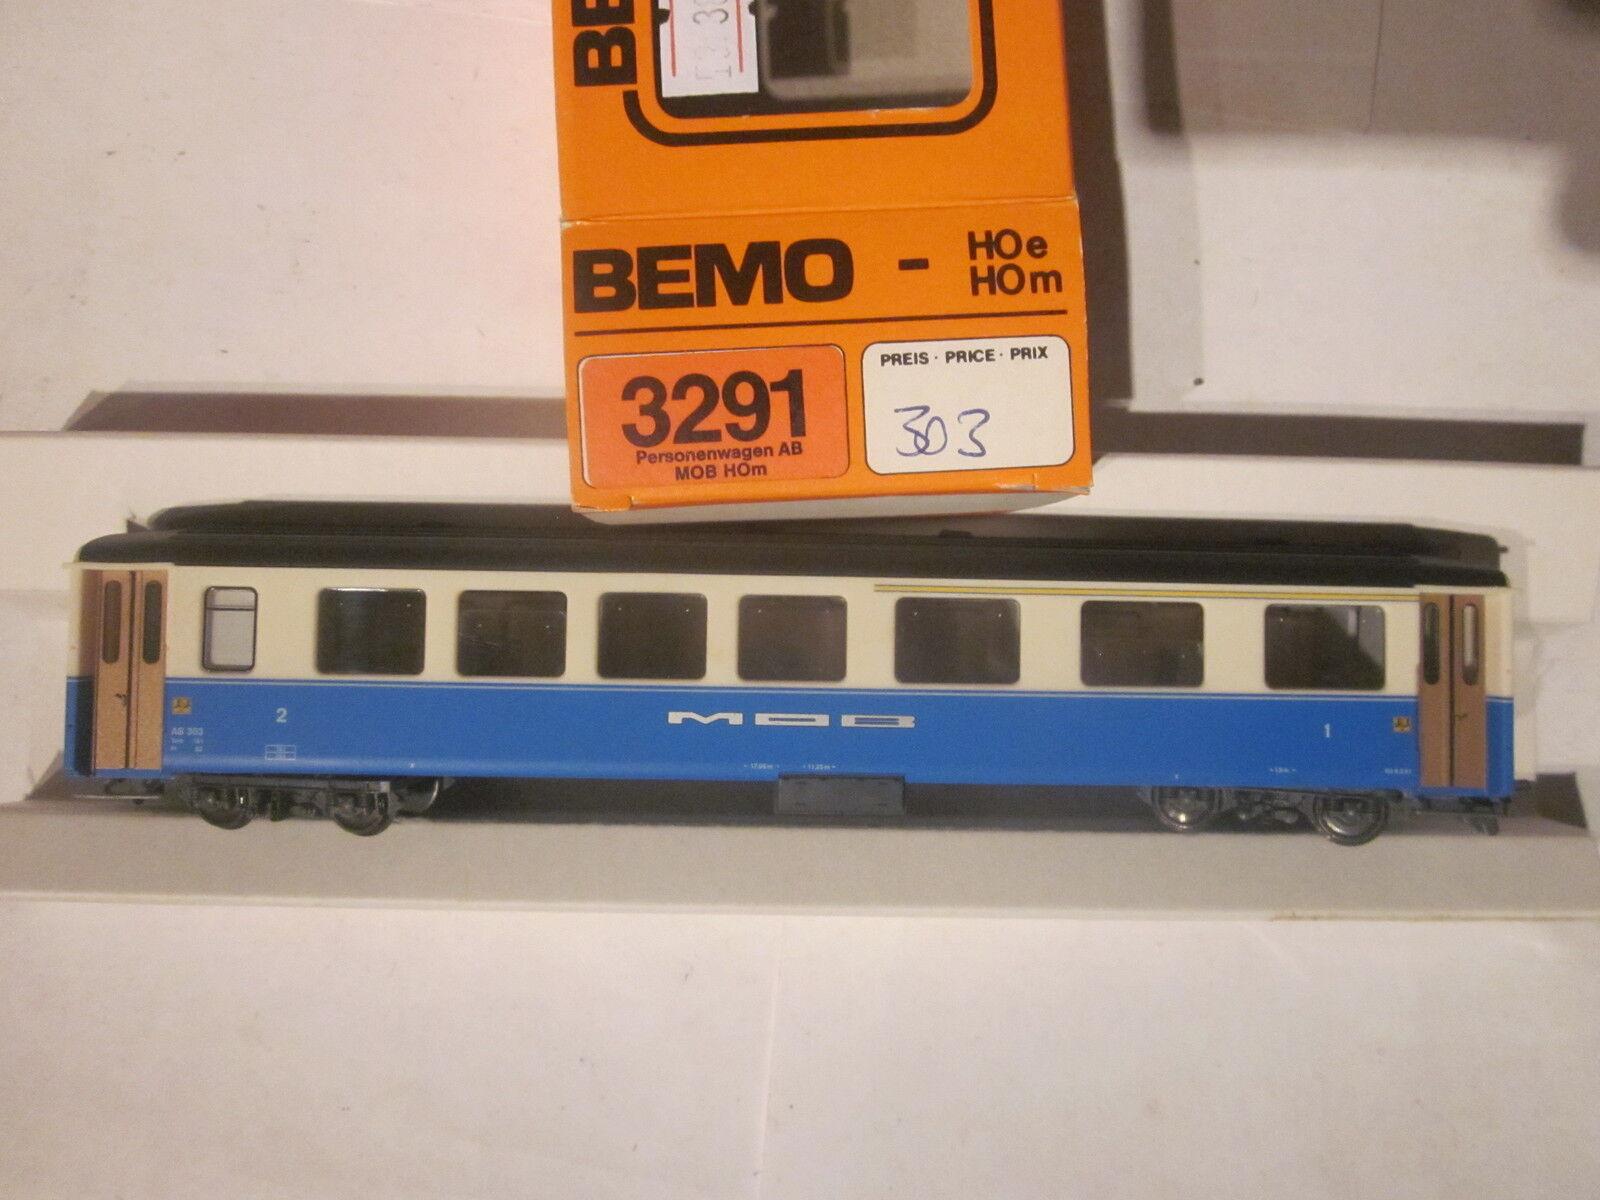 BEMO 3291 317 MOB a 107 facilmente carrello in metallo h0m NUOVO + OVP